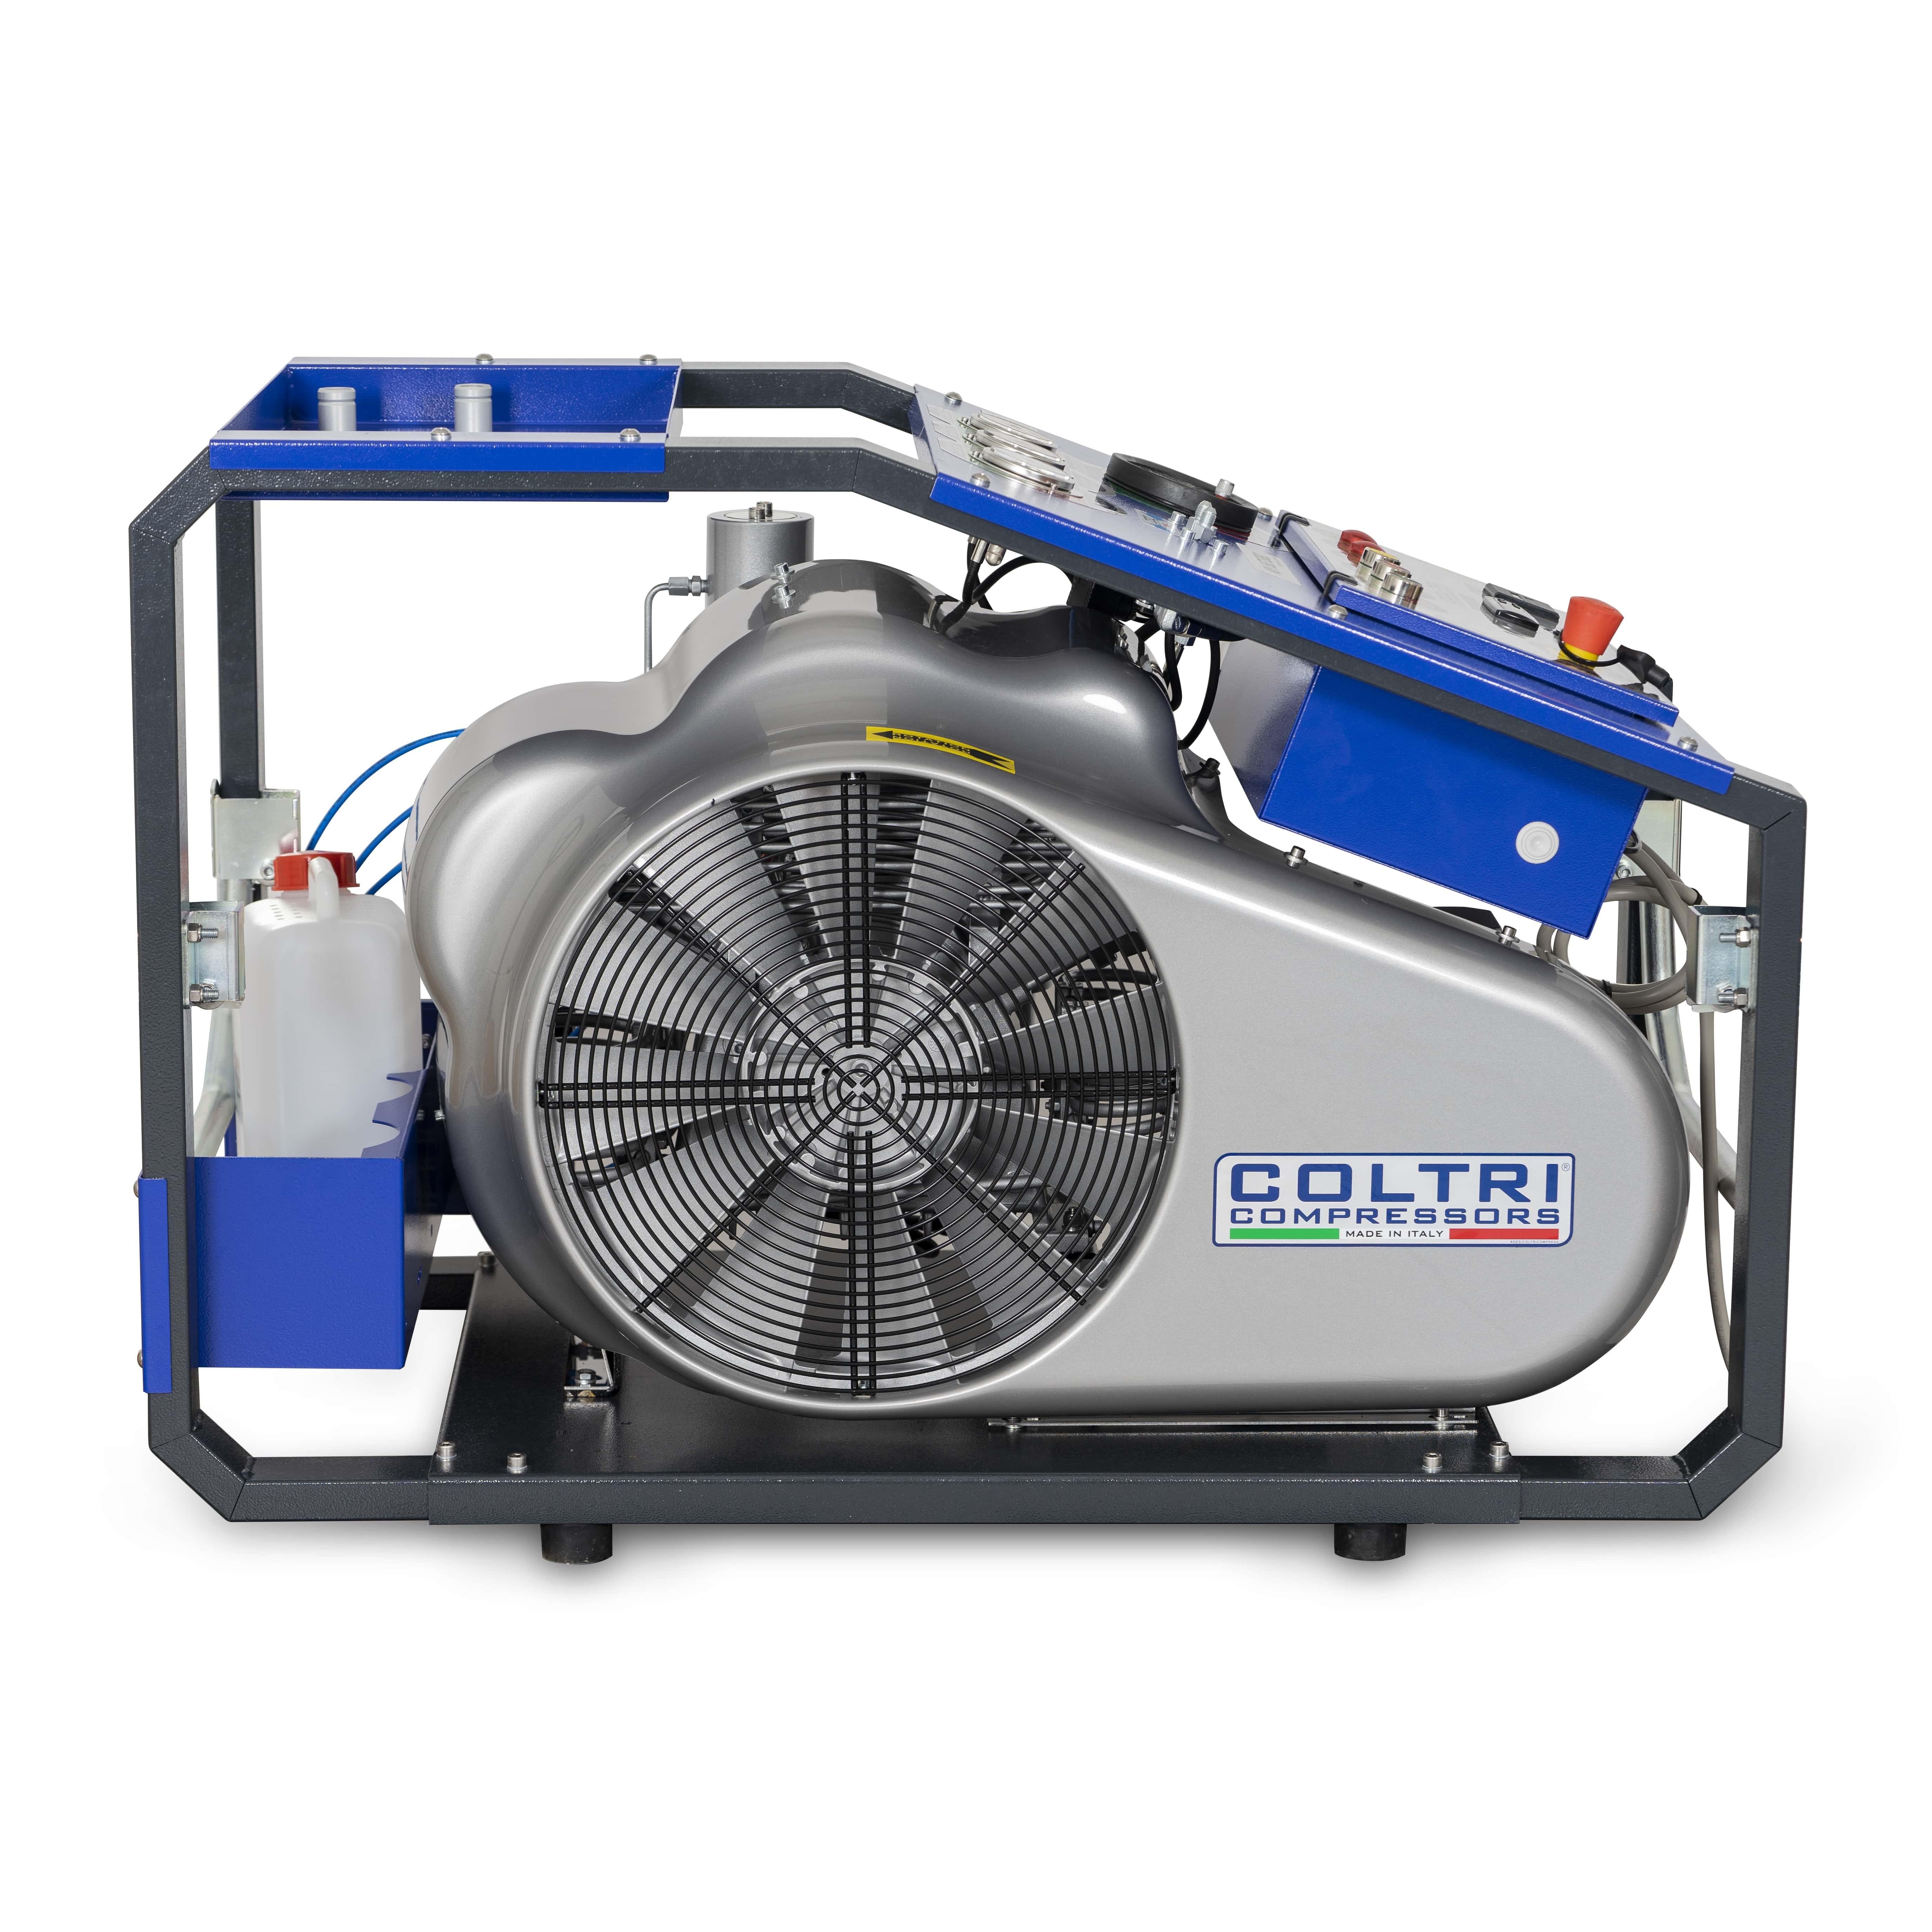 Coltri MCH 13/16/18 Ergo Efficient Compressor